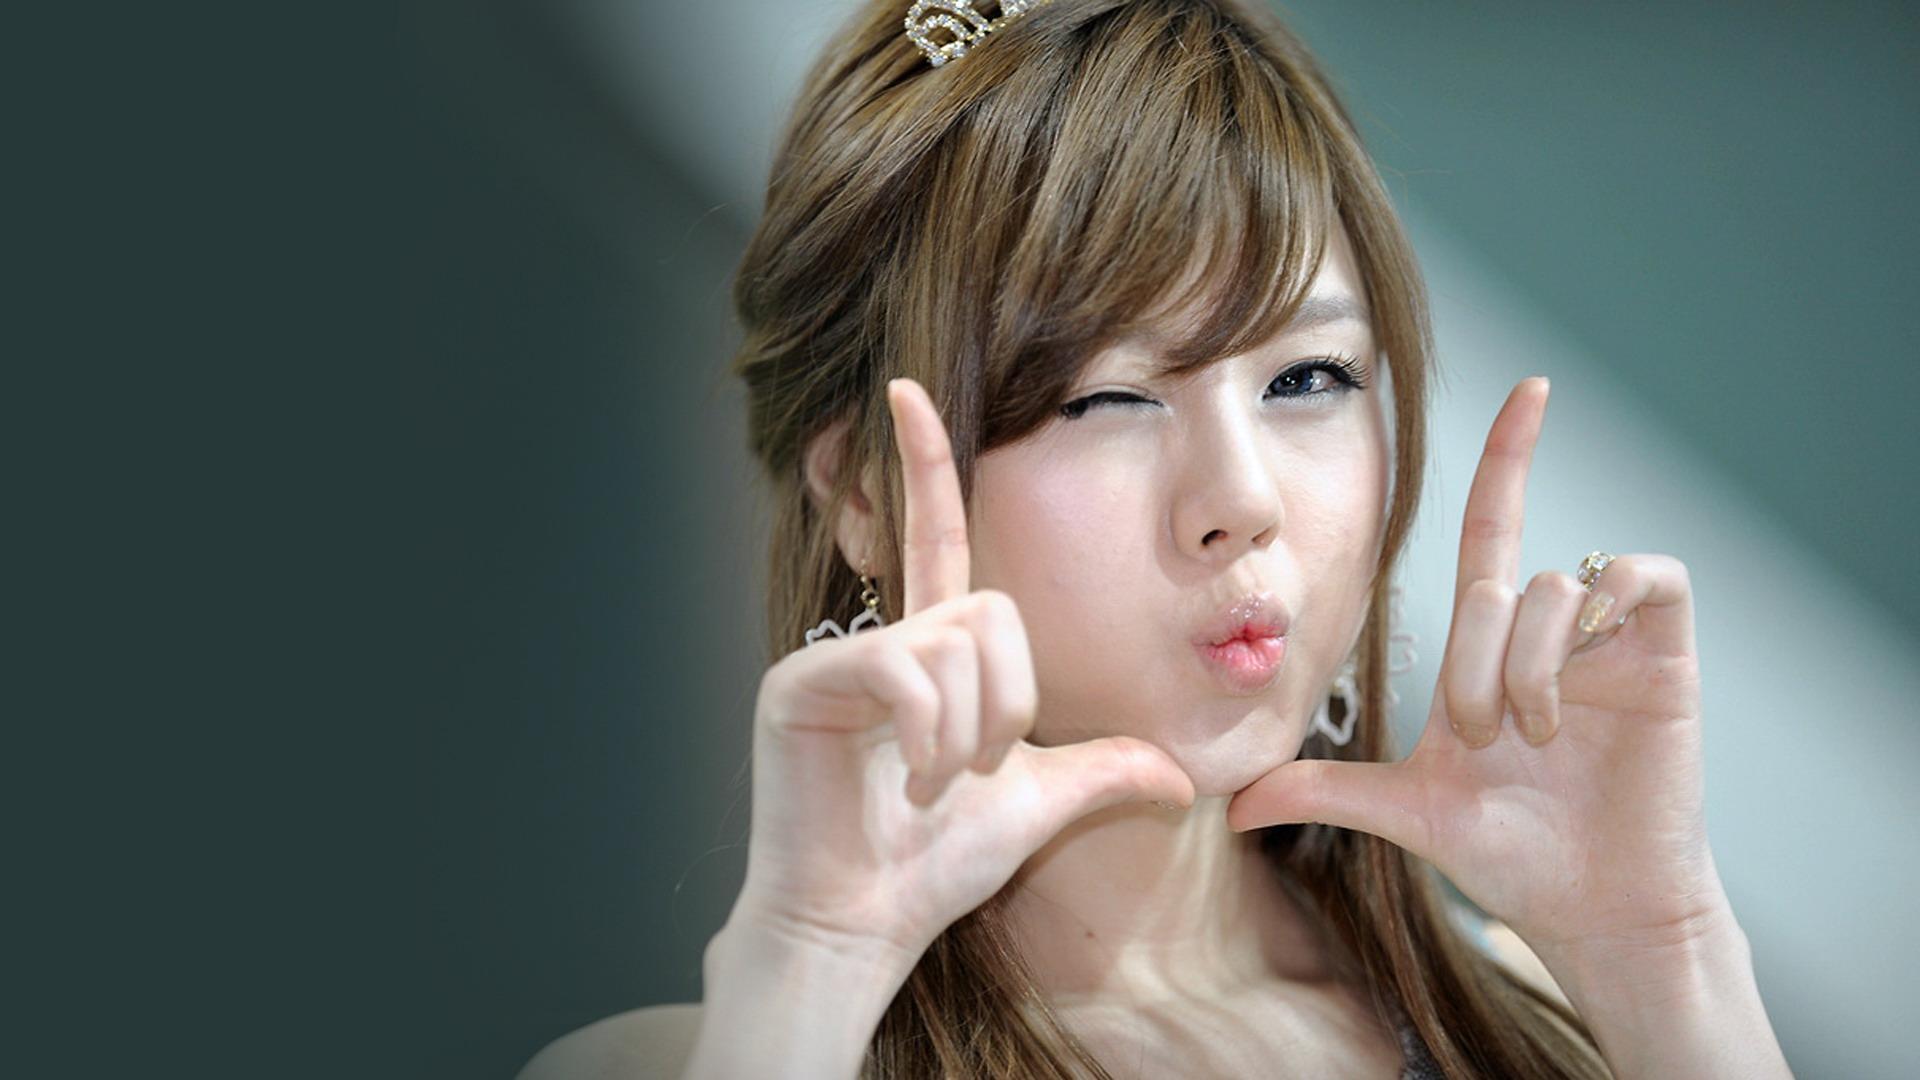 بالصور اجمل بنات كوريات في العالم , احلى بنات فى كوريا والعالم 5978 1